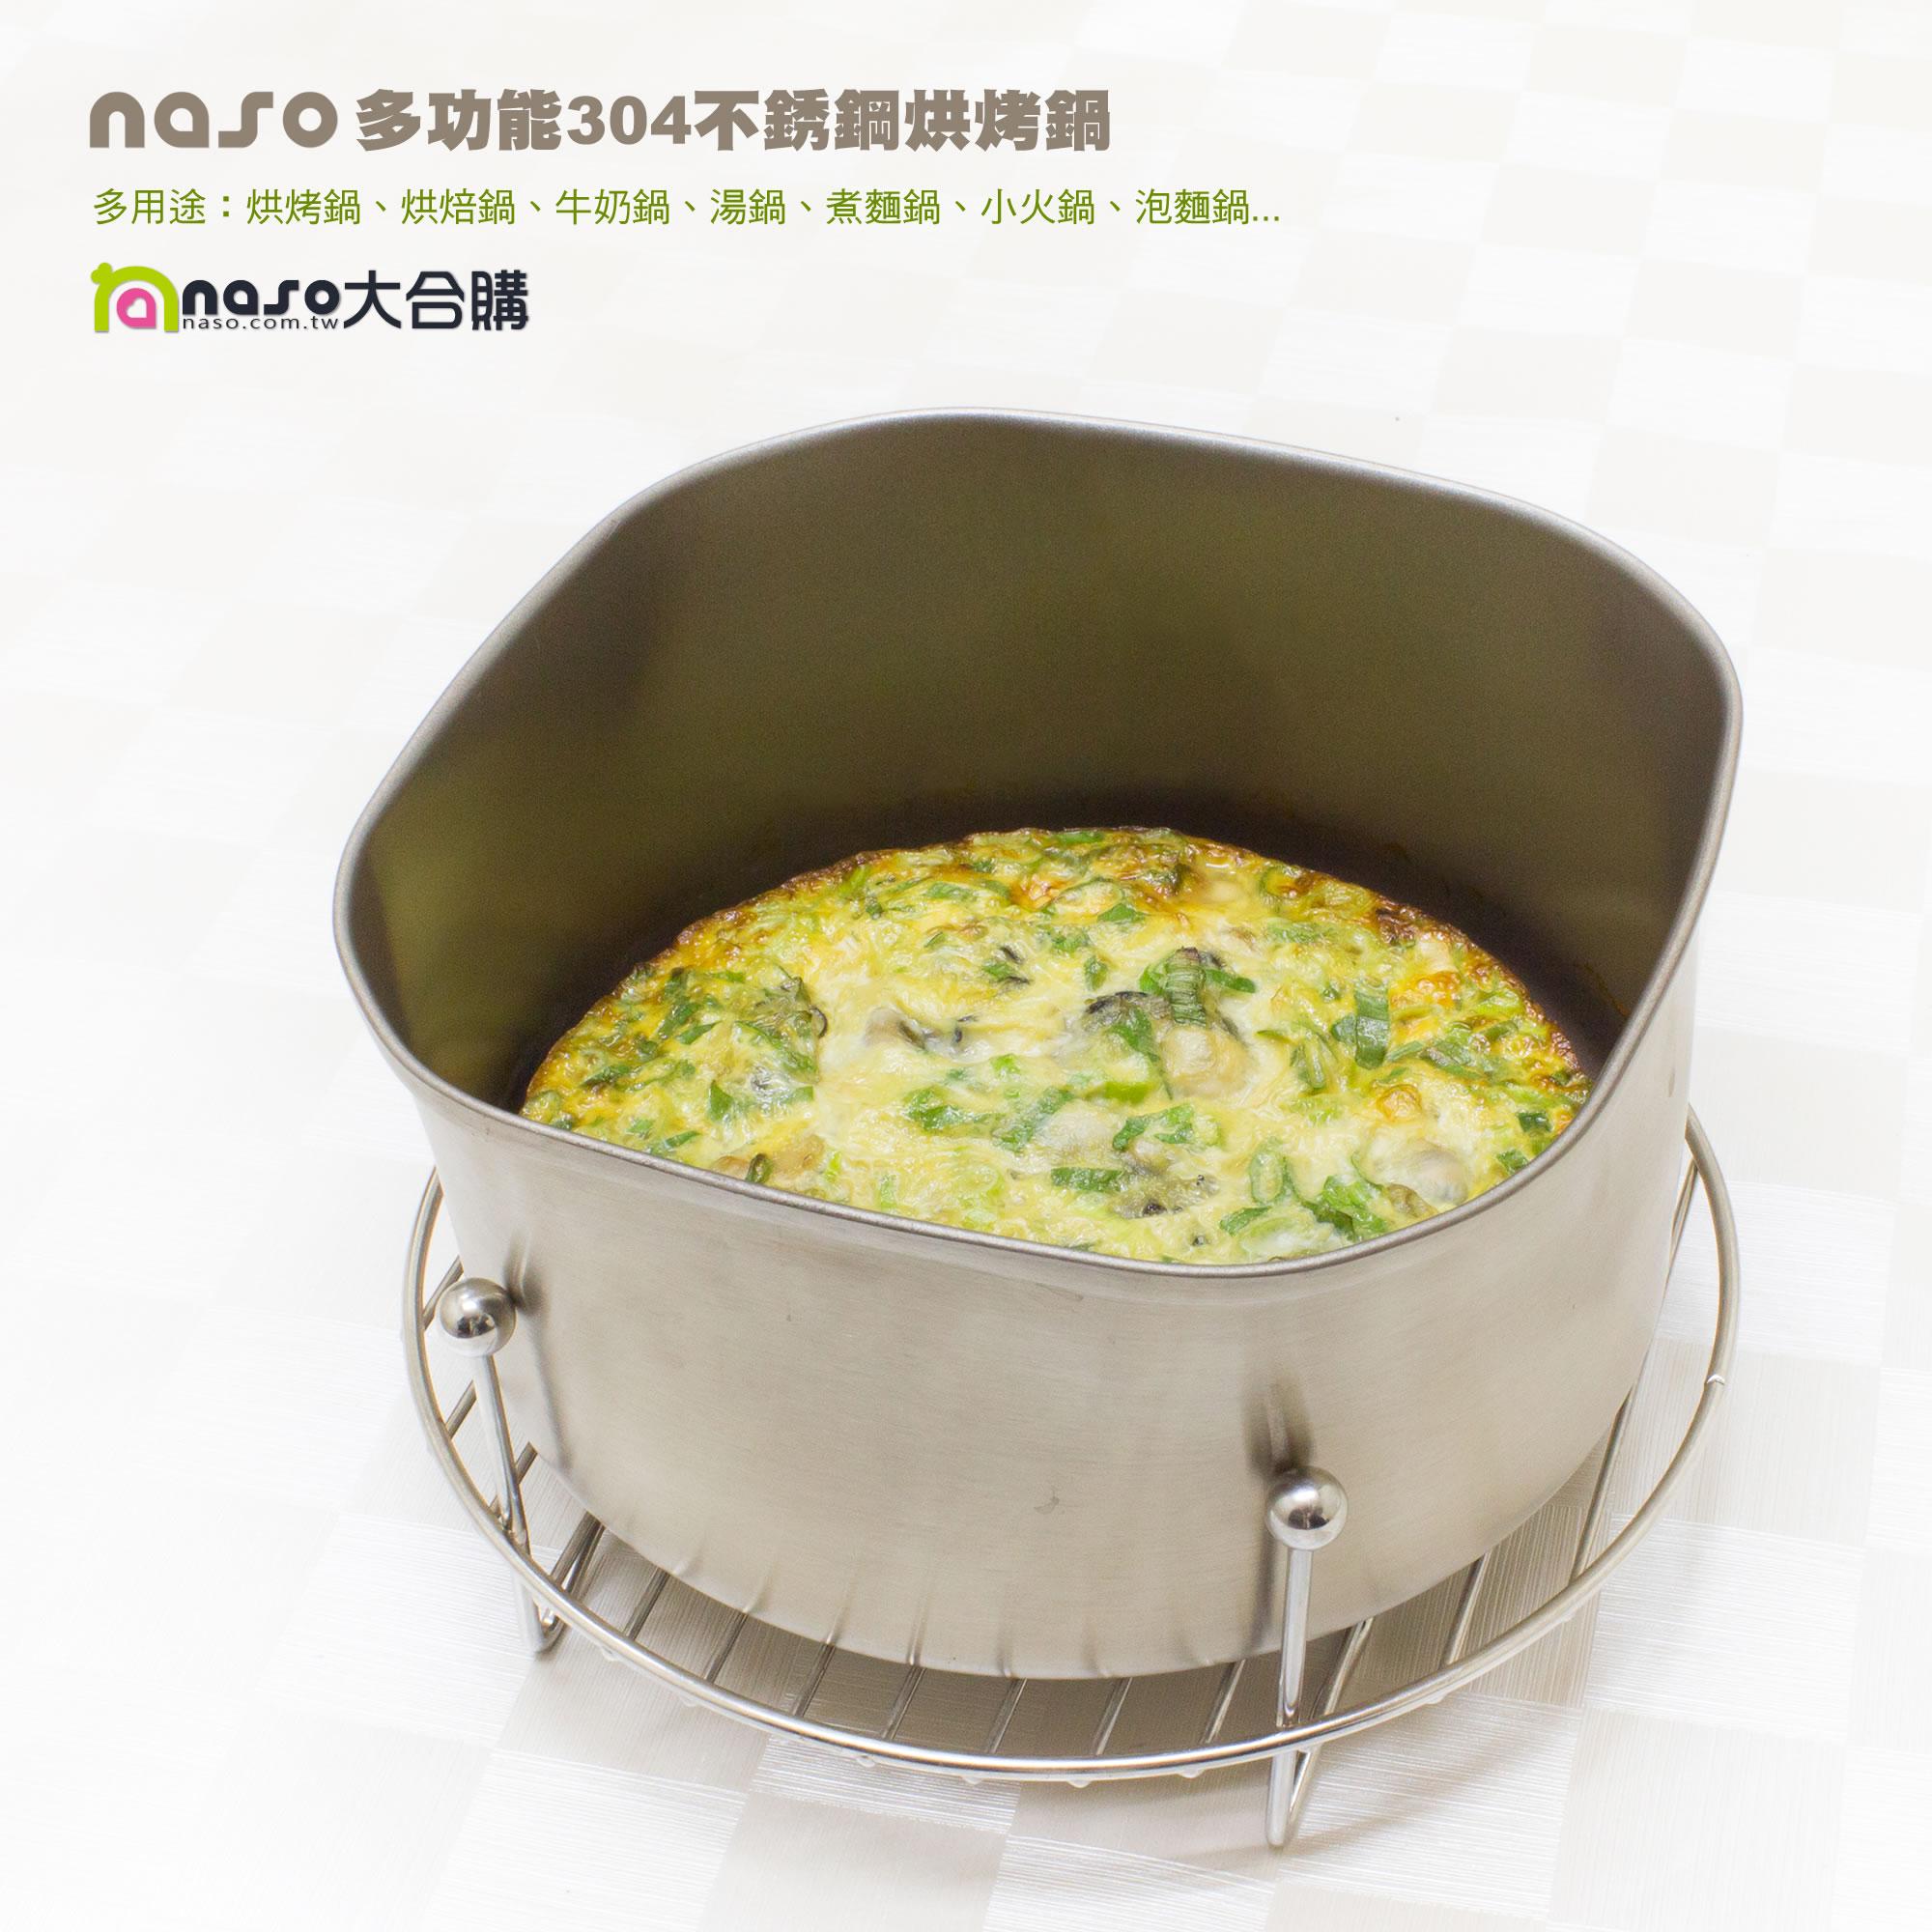 naso多功能304不銹鋼烘烤鍋 好評第18團